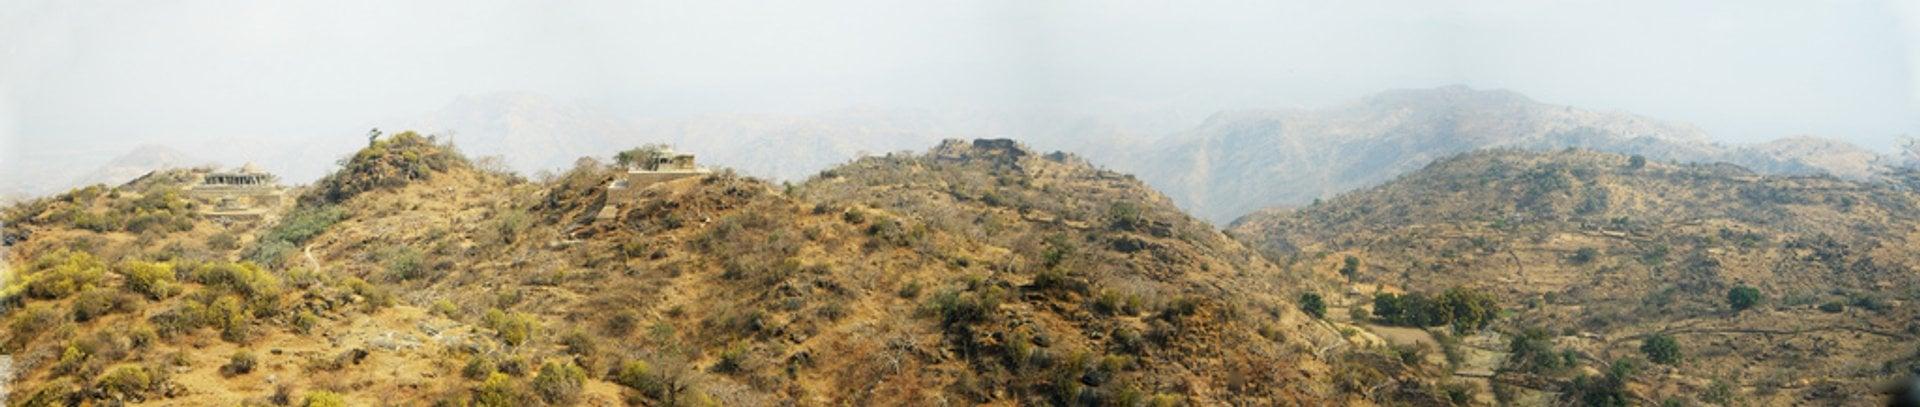 Panoramic View from Kumbhalgarh 2019